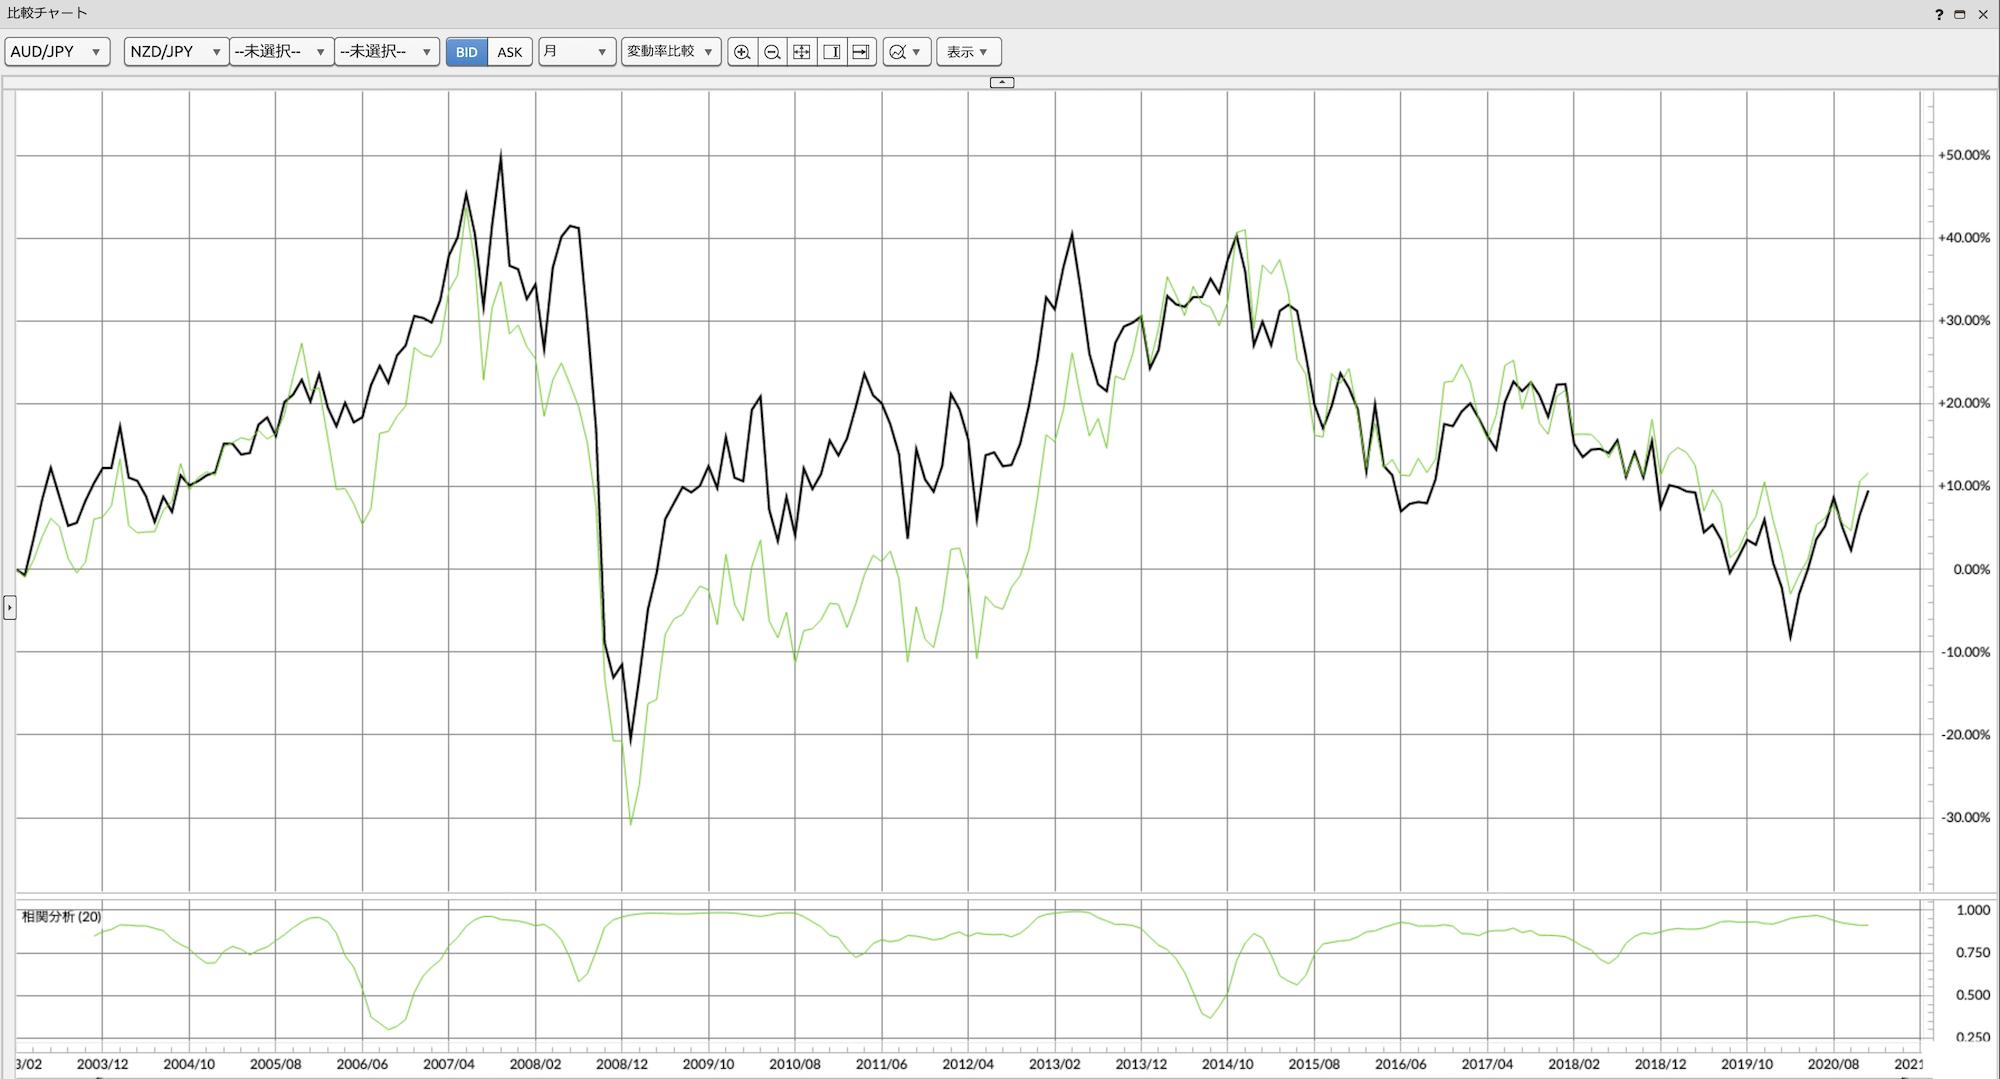 豪ドル円とNZドル円の比較チャート